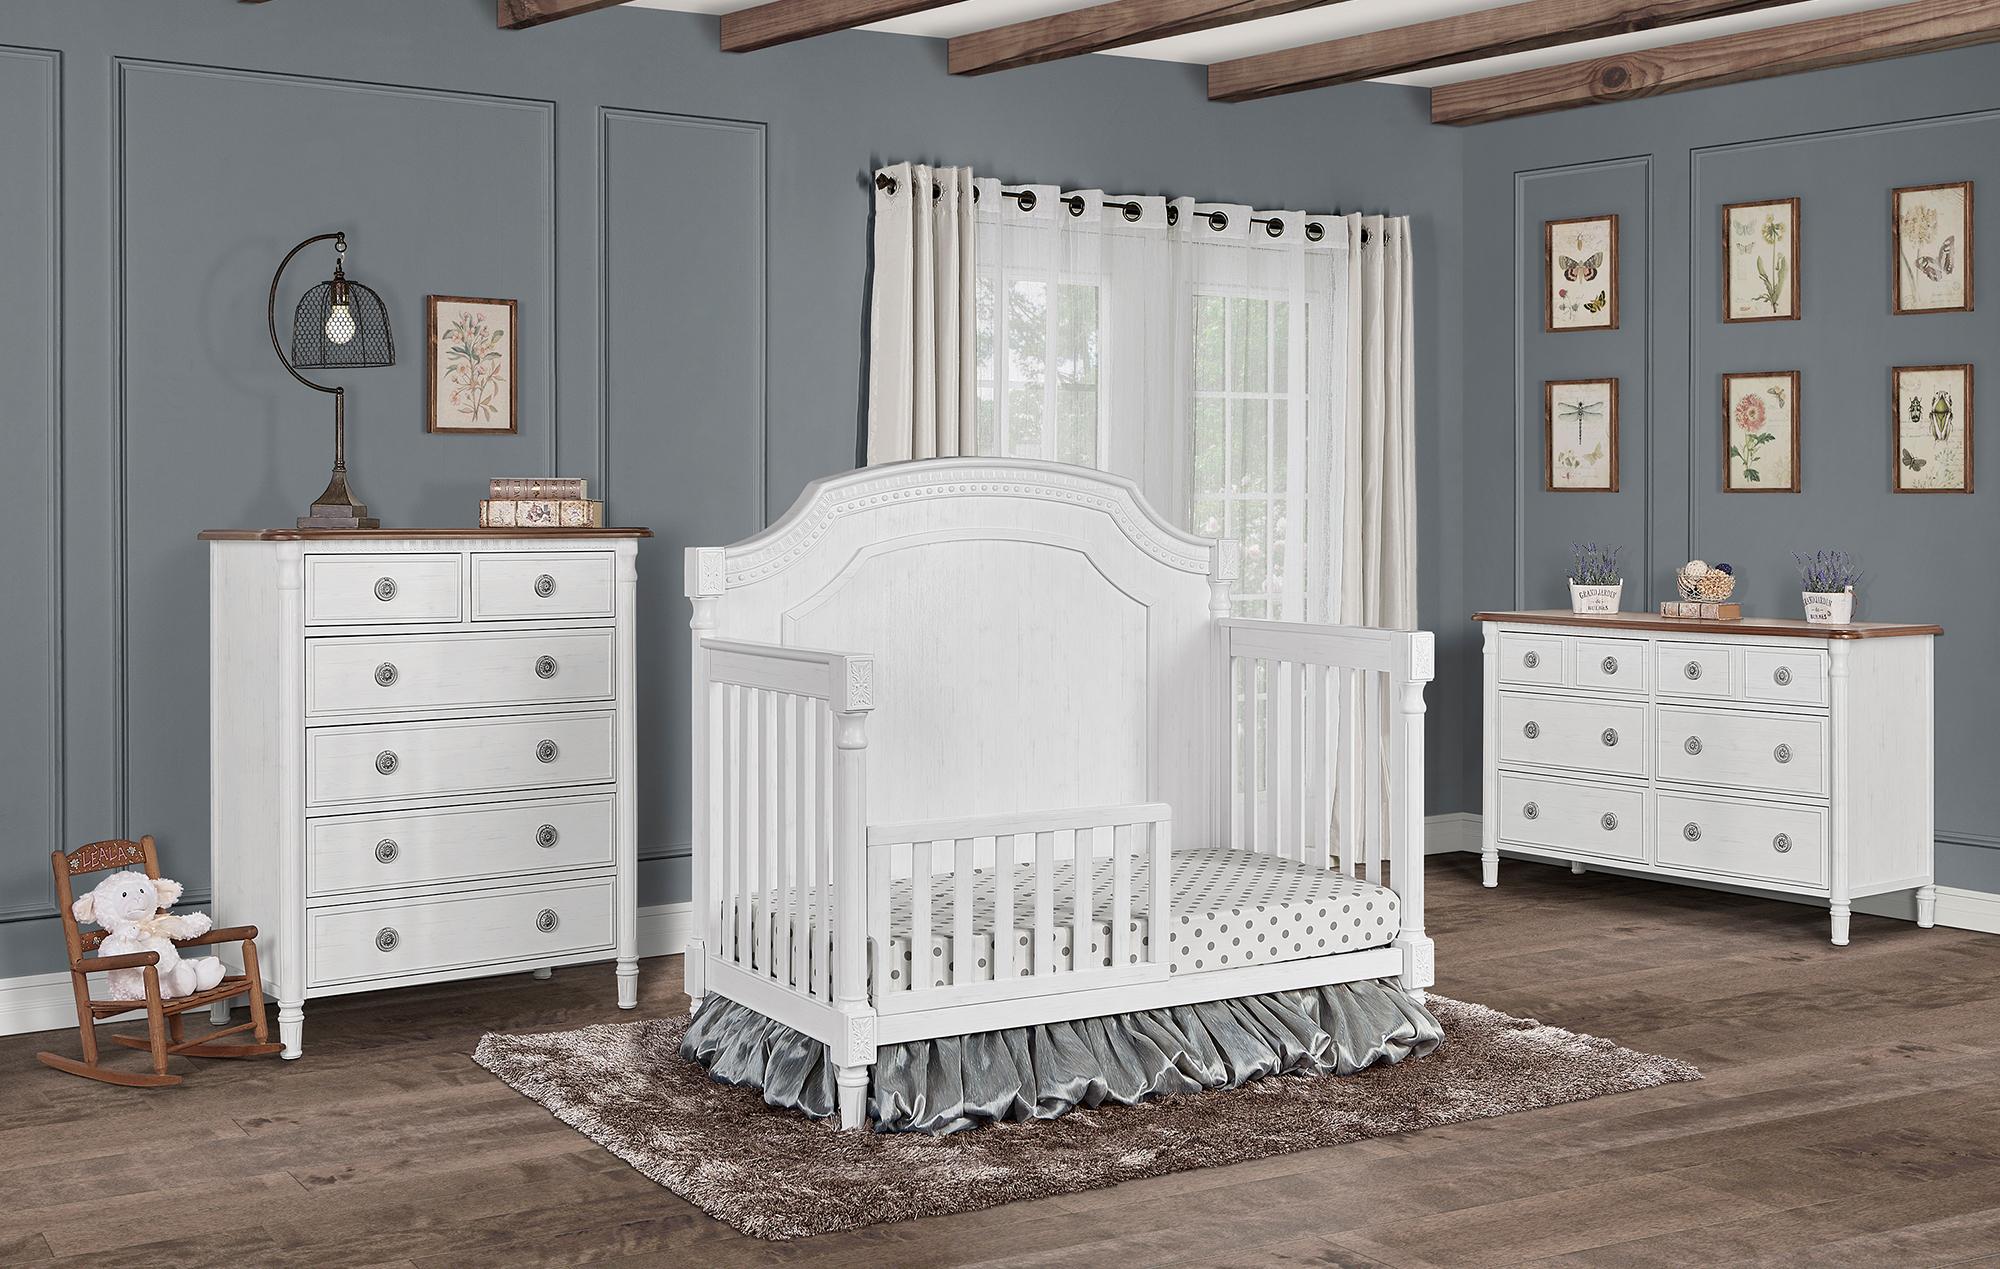 837-BW Evolur Julienne Toddler Bed RS1